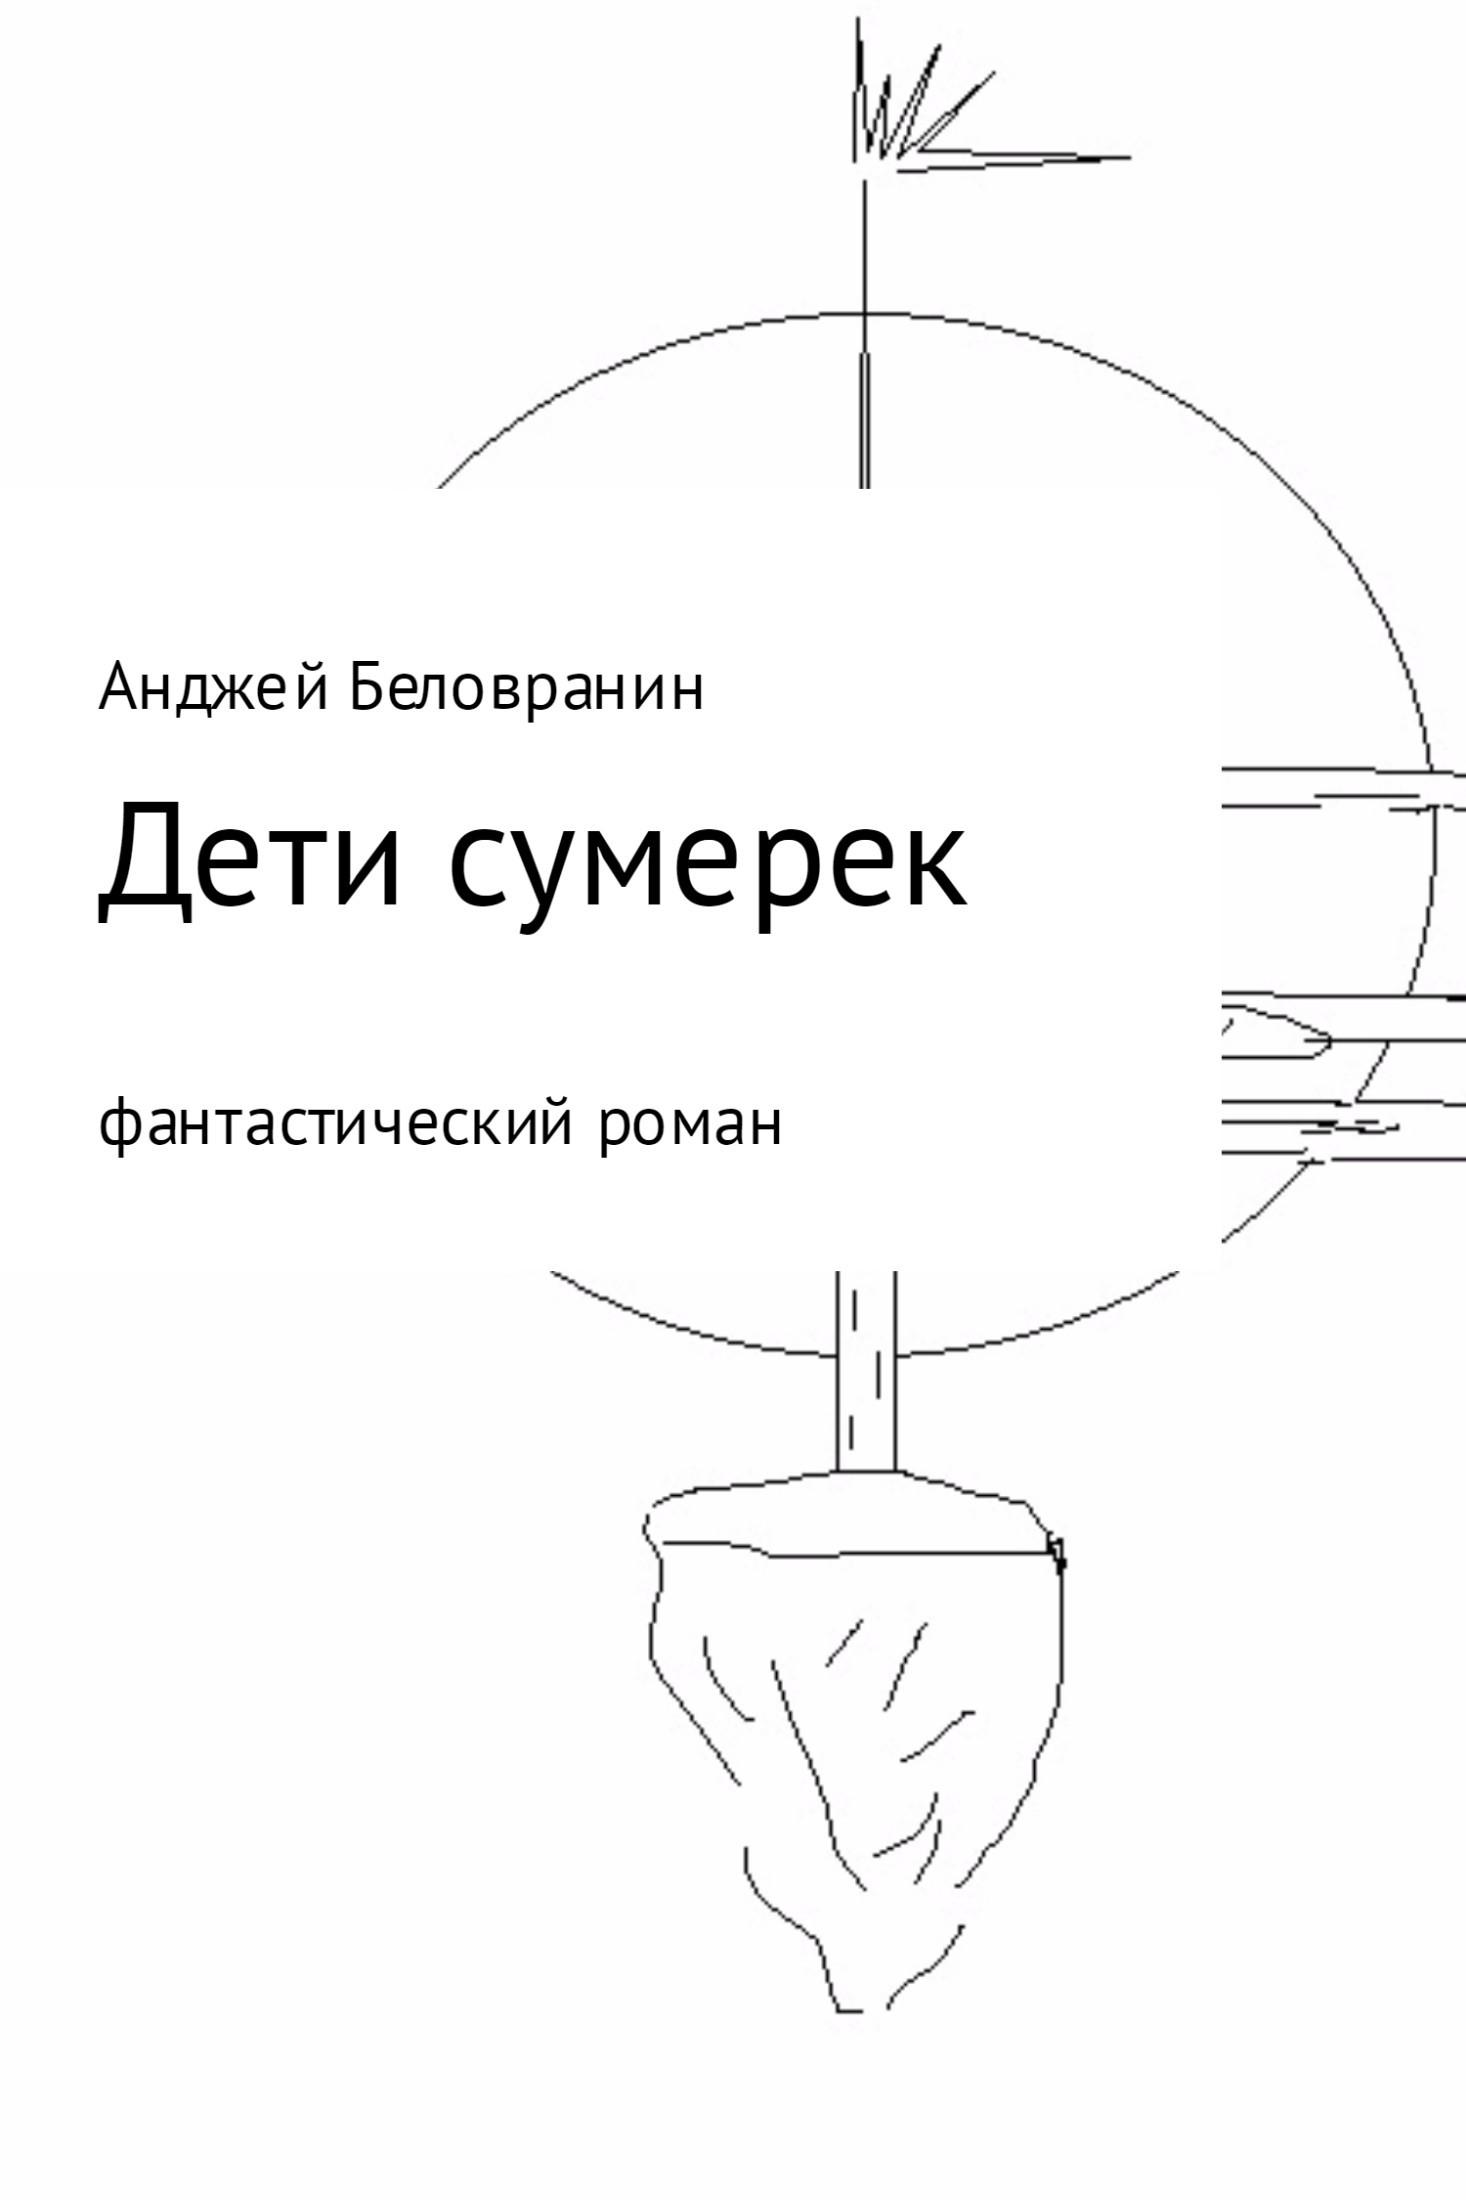 Ким русский язык 3 класс крылова читать